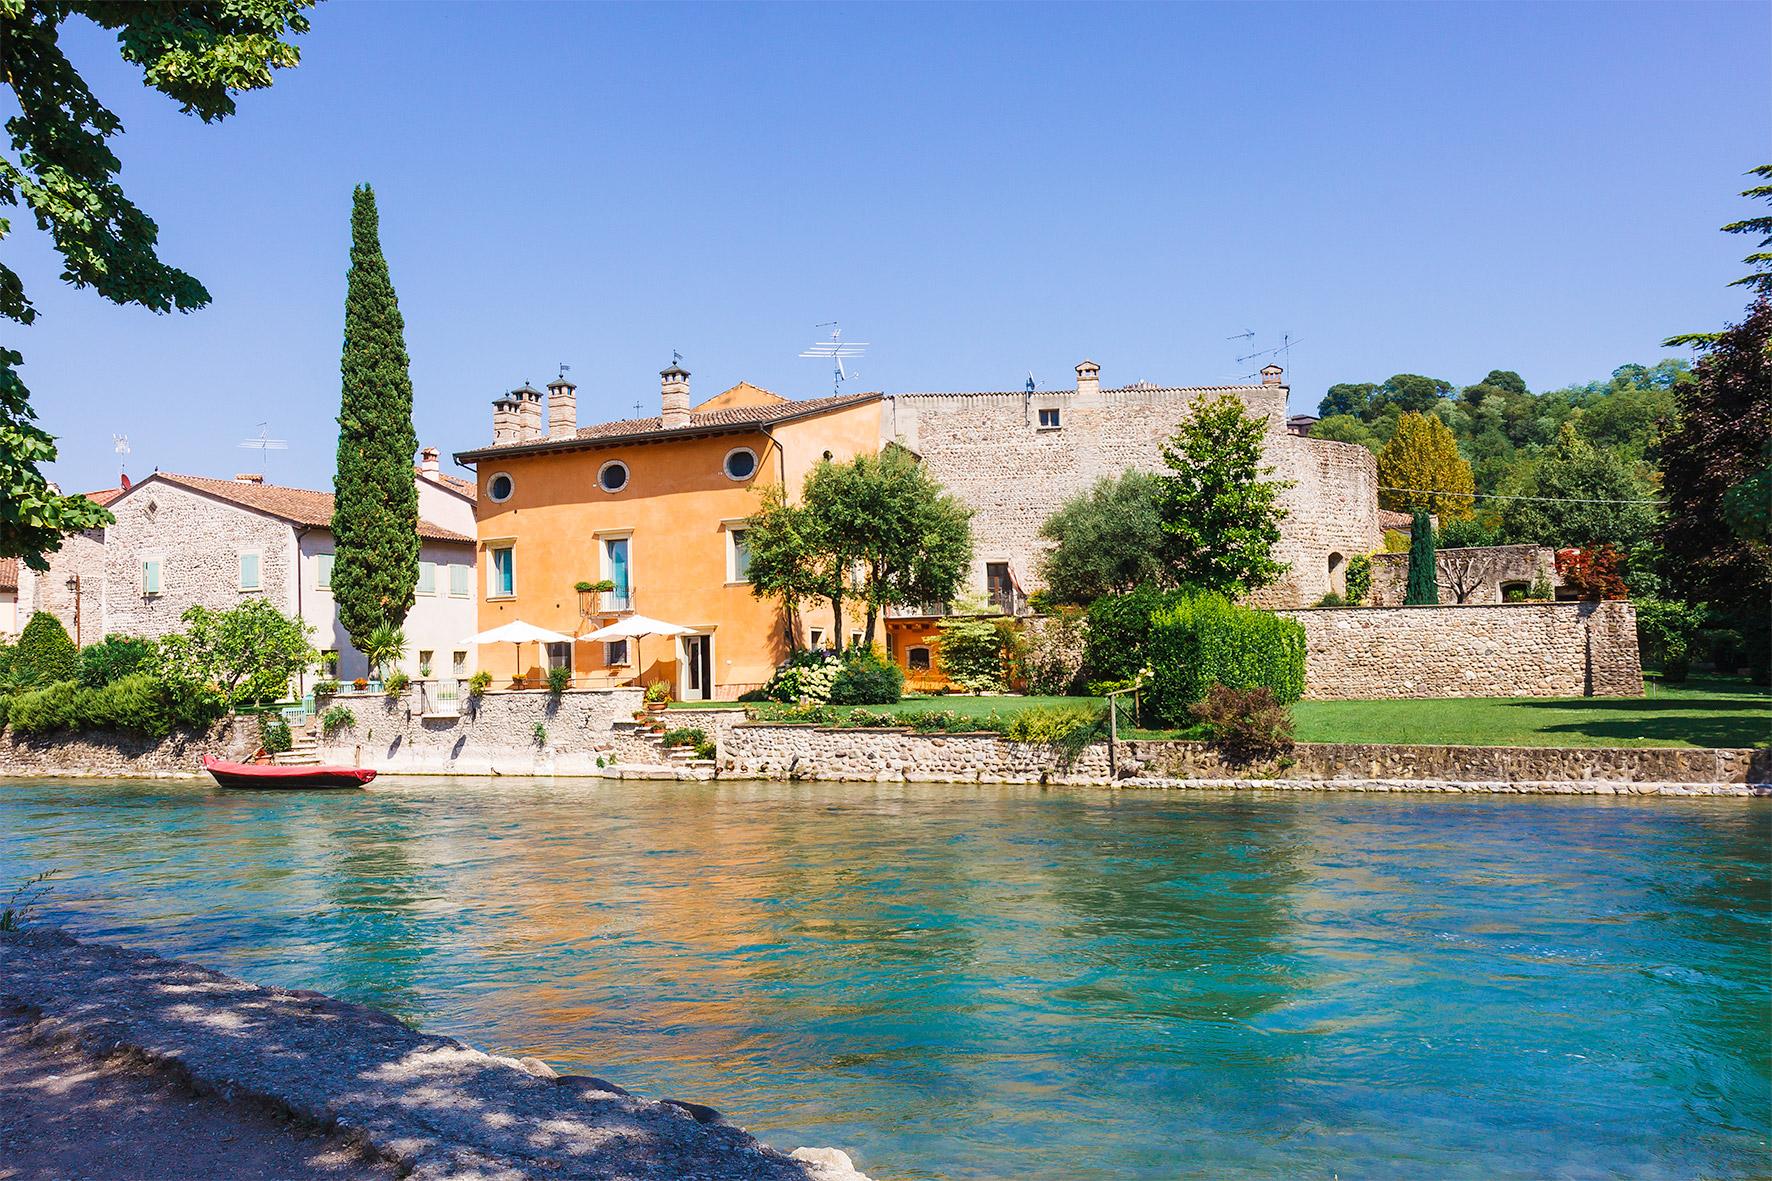 Borghetto-Valeggio on the Mincio...